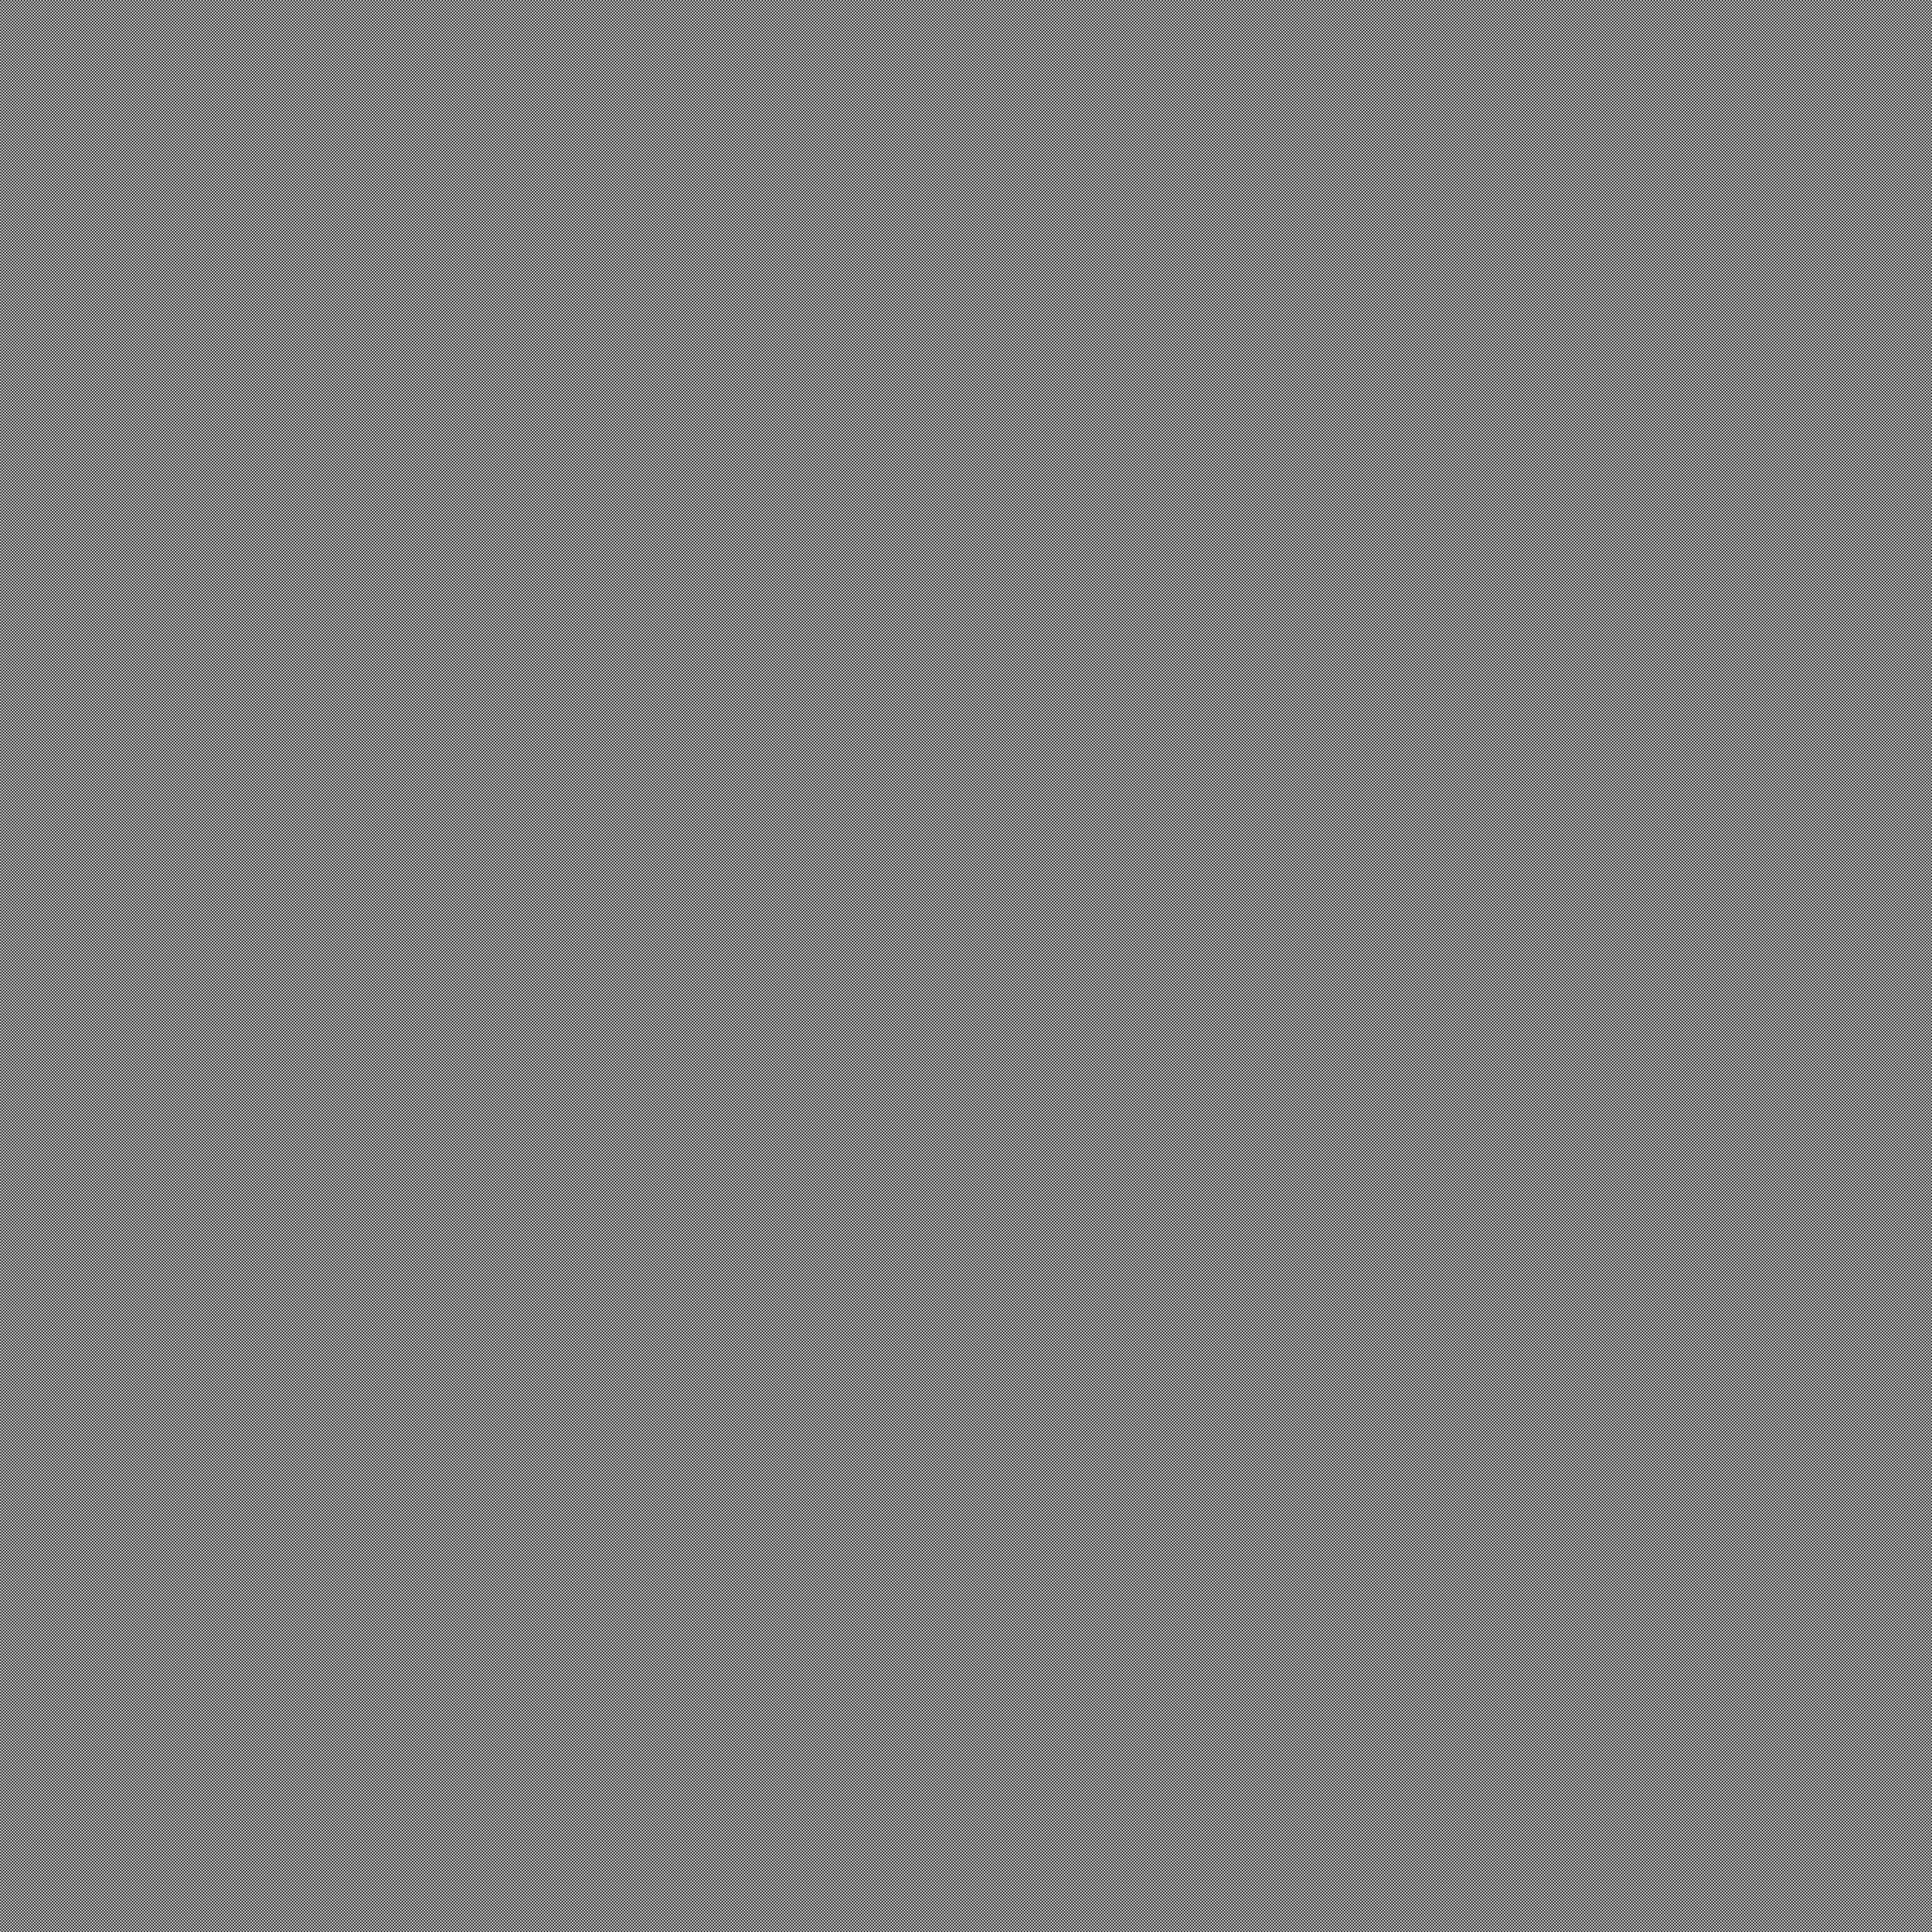 Dead Pixels Test